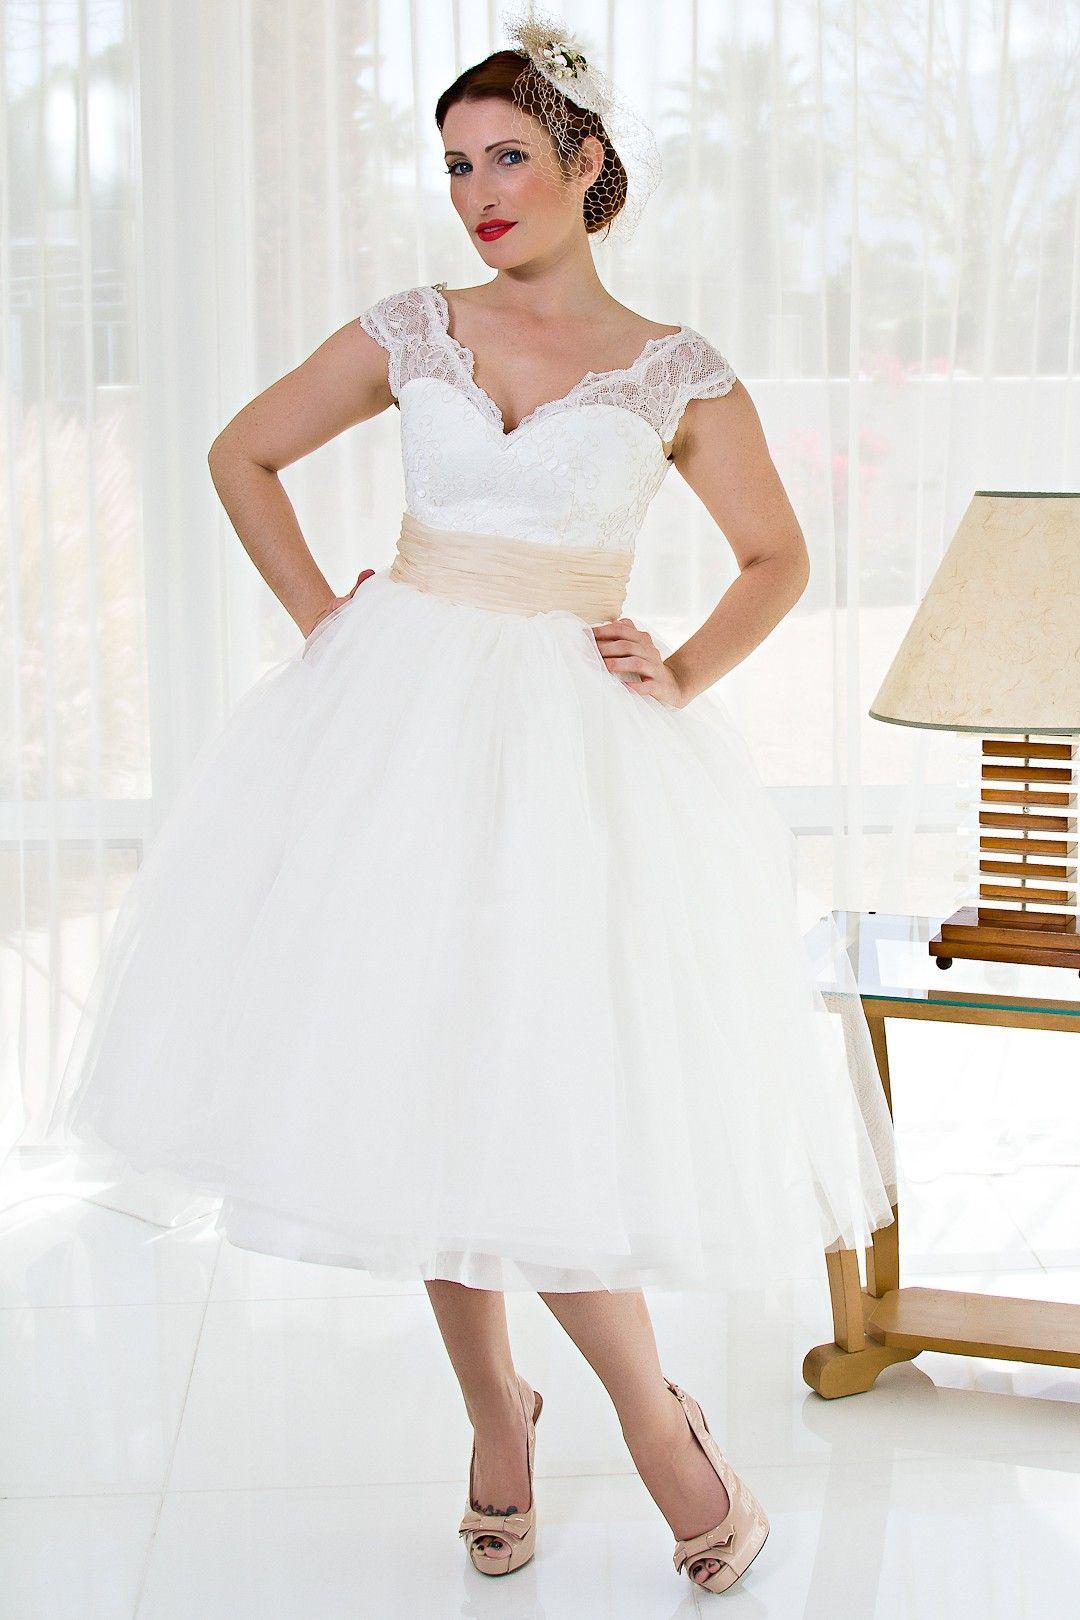 Short Wedding Dresses Dolly Couture Munaluchi Bridal Magazine Short Wedding Dress Tea Length Wedding Dress Knee Length Wedding Dress [ 1620 x 1080 Pixel ]